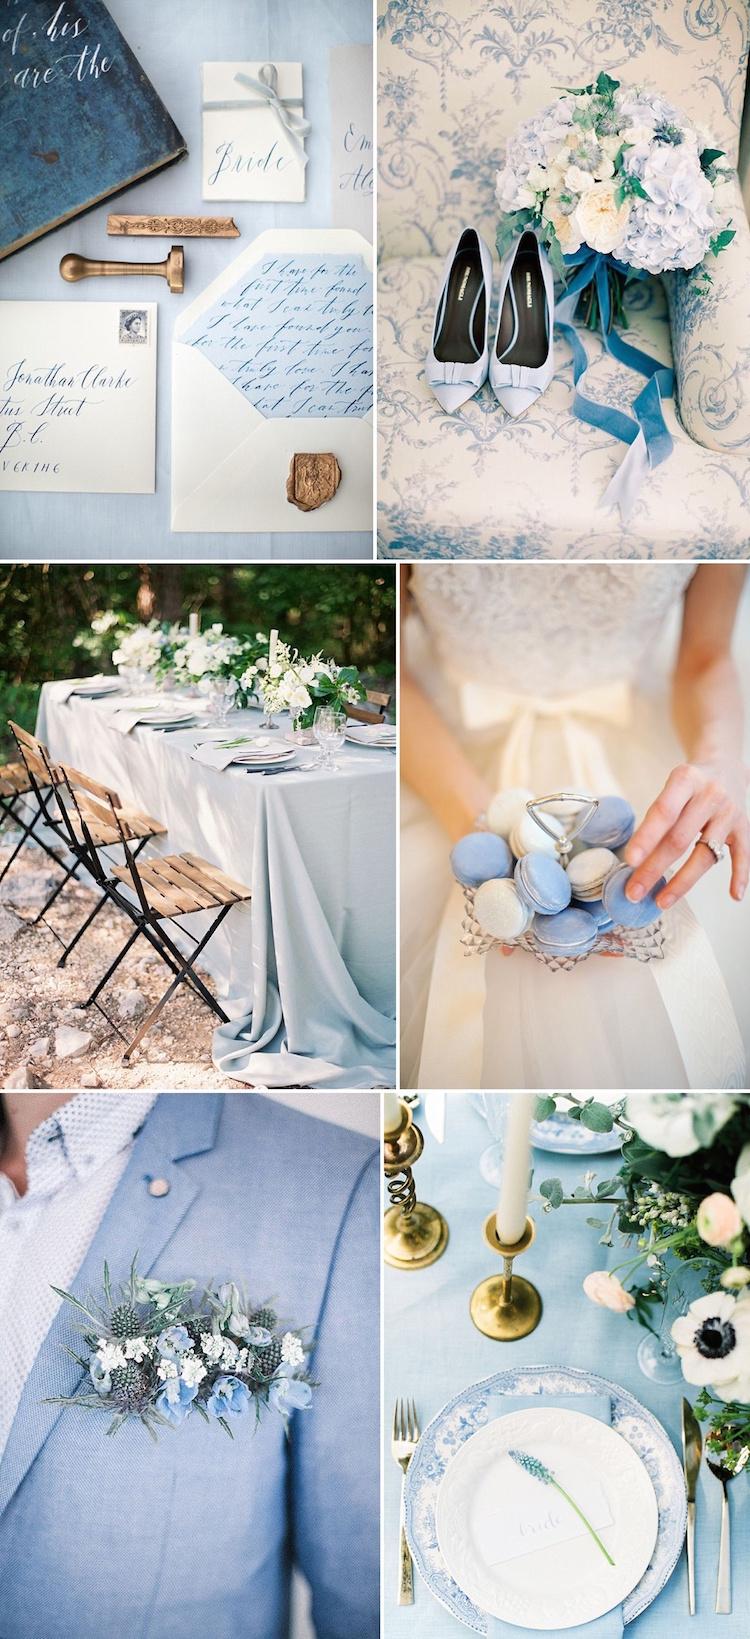 Matrimonio Azzurro Serenity : Azzurro serenity e rosa quartz perfetti per un matrimonio